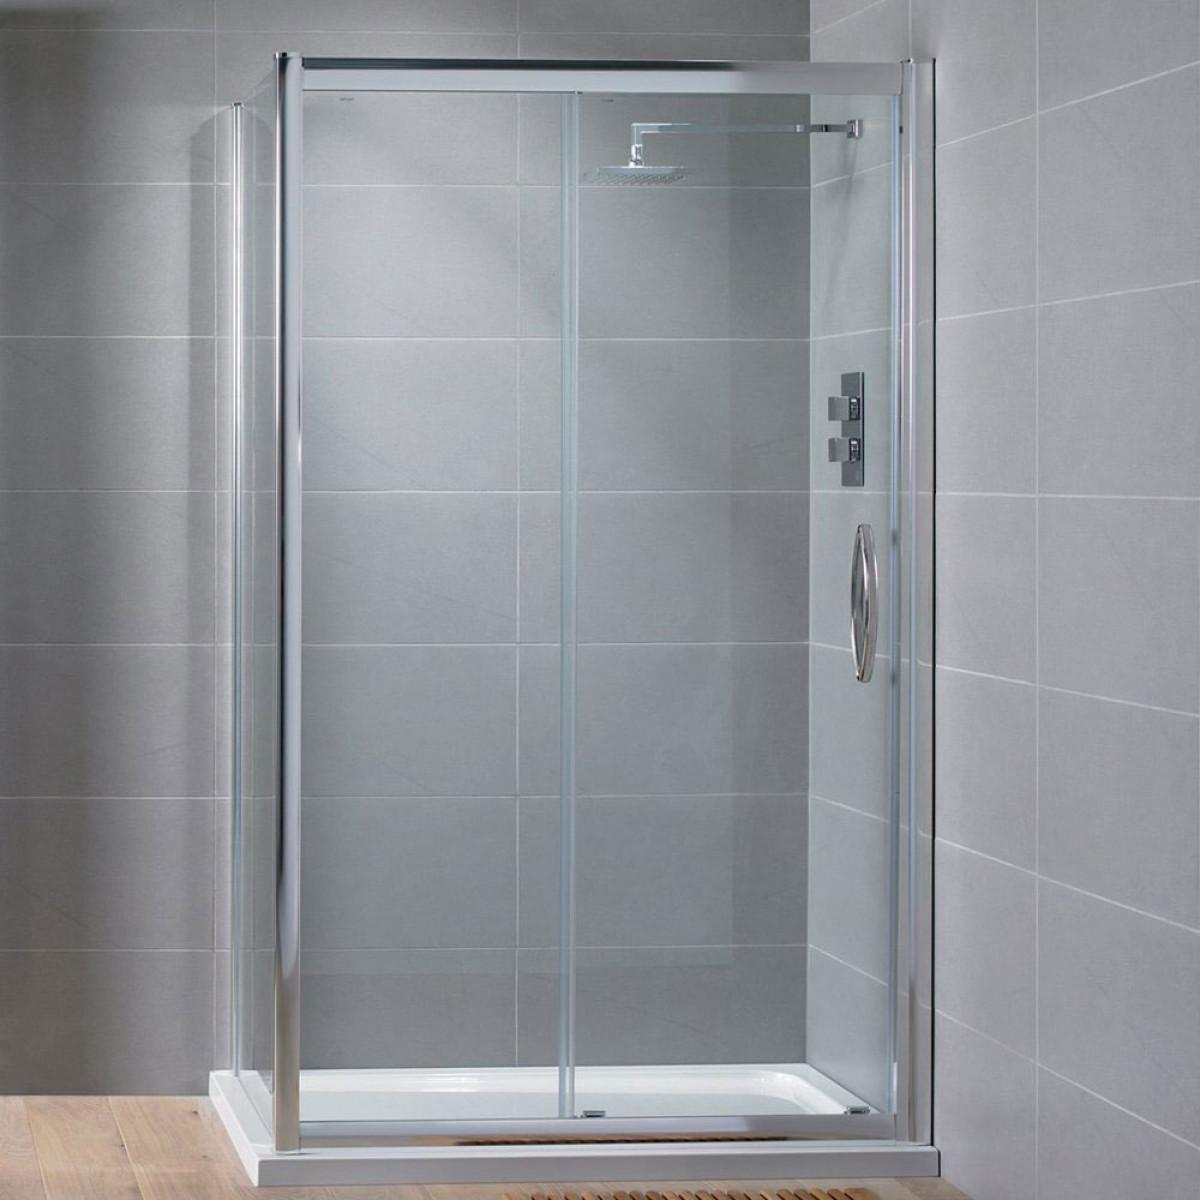 Aquadart venturi 8 1700mm sliding shower door for 1700 shower door